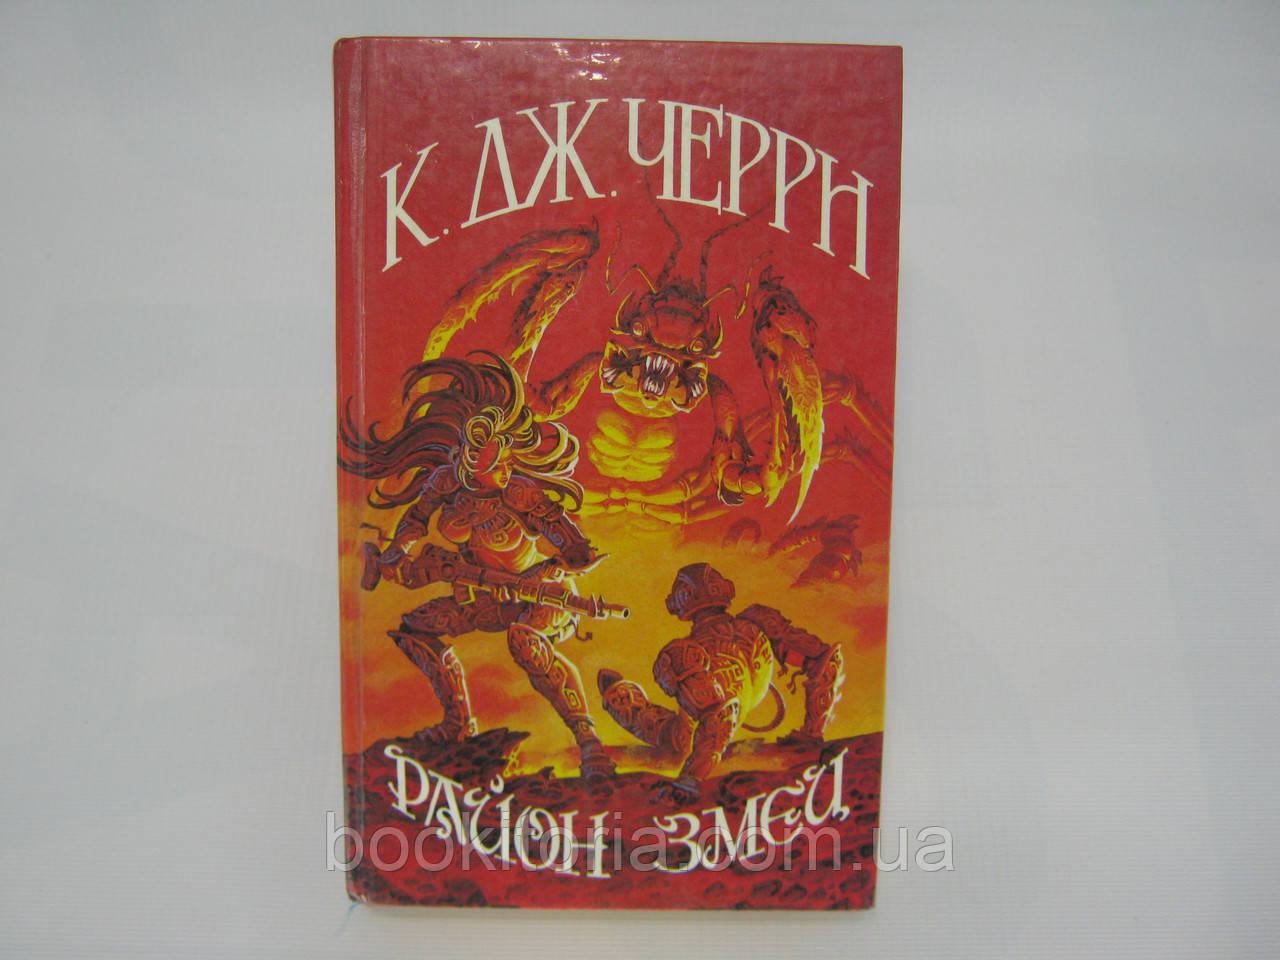 Черри К. Дж. Район Змеи (б/у).